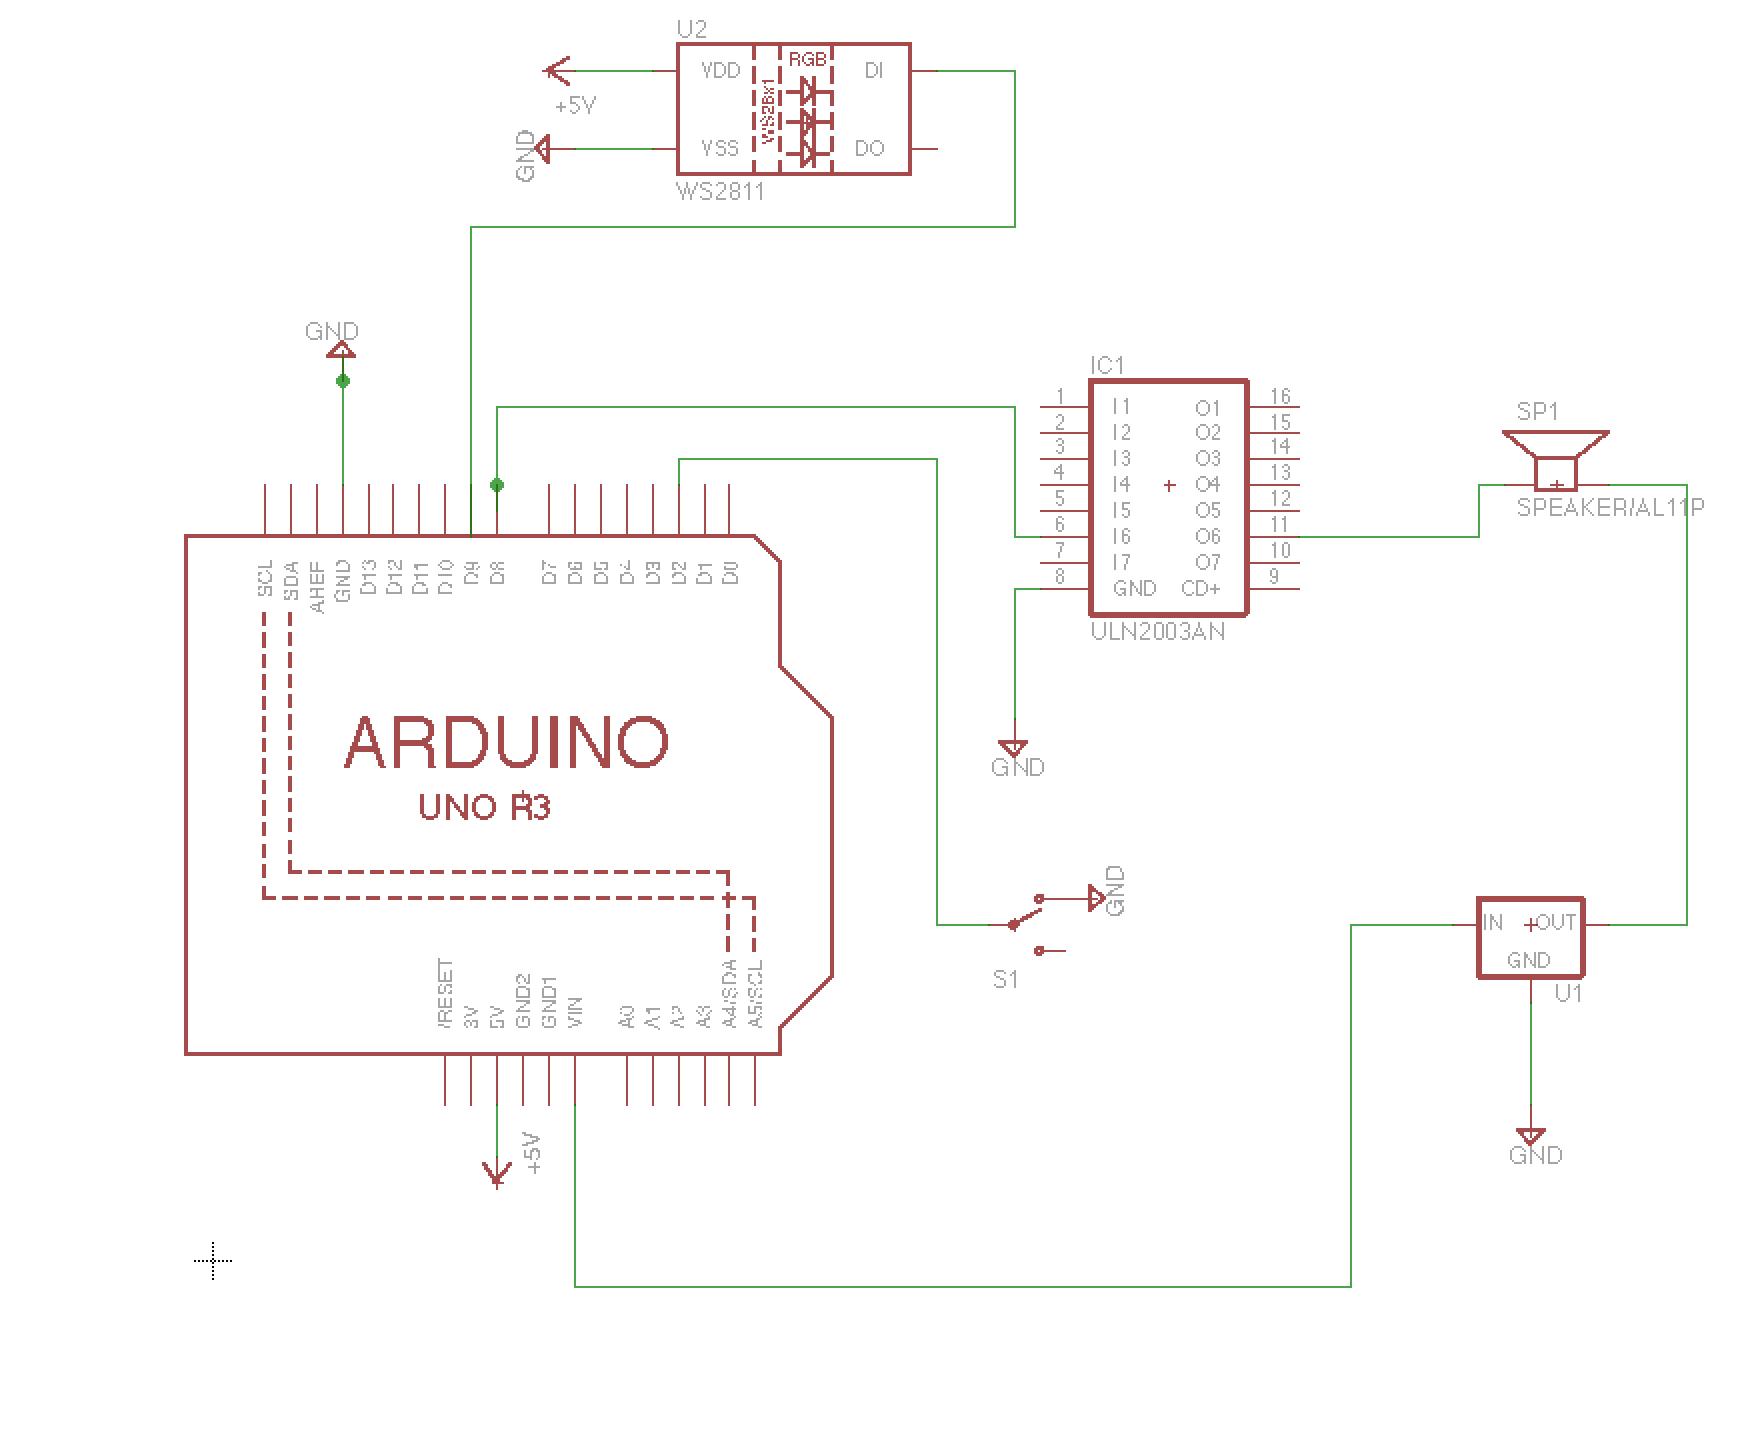 Schematic of Circuits Per Pot